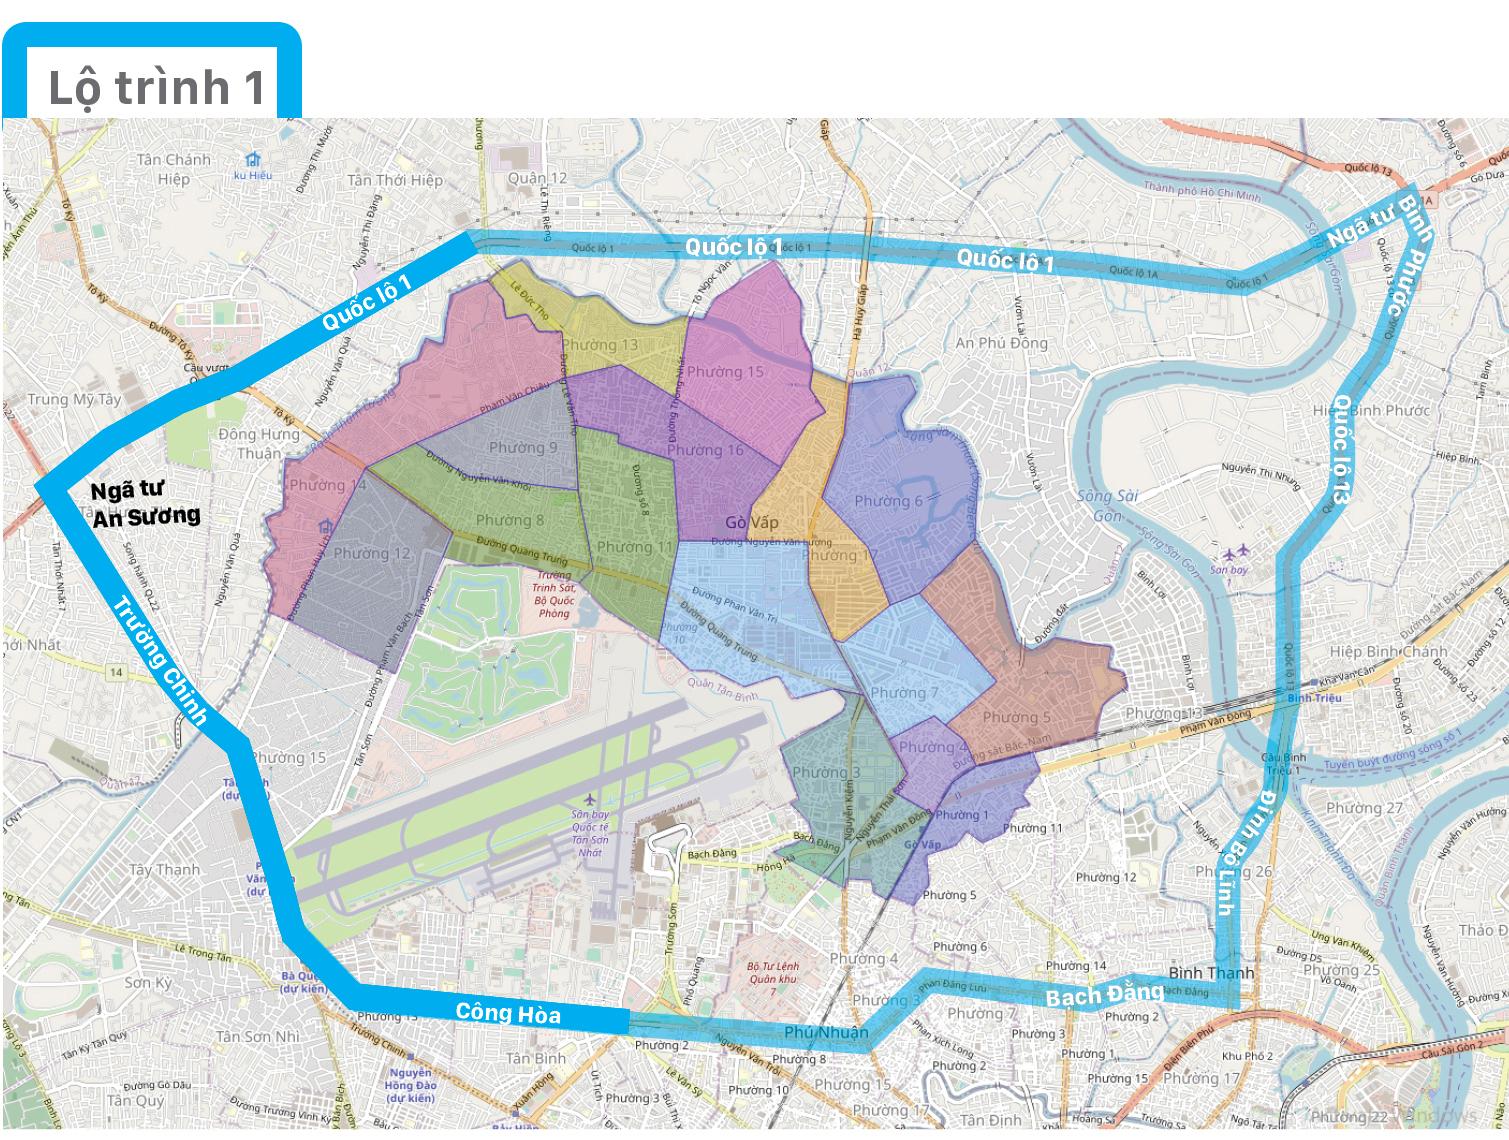 Một số lộ trình lưu thông không qua địa bàn quận Gò Vấp  ảnh 6